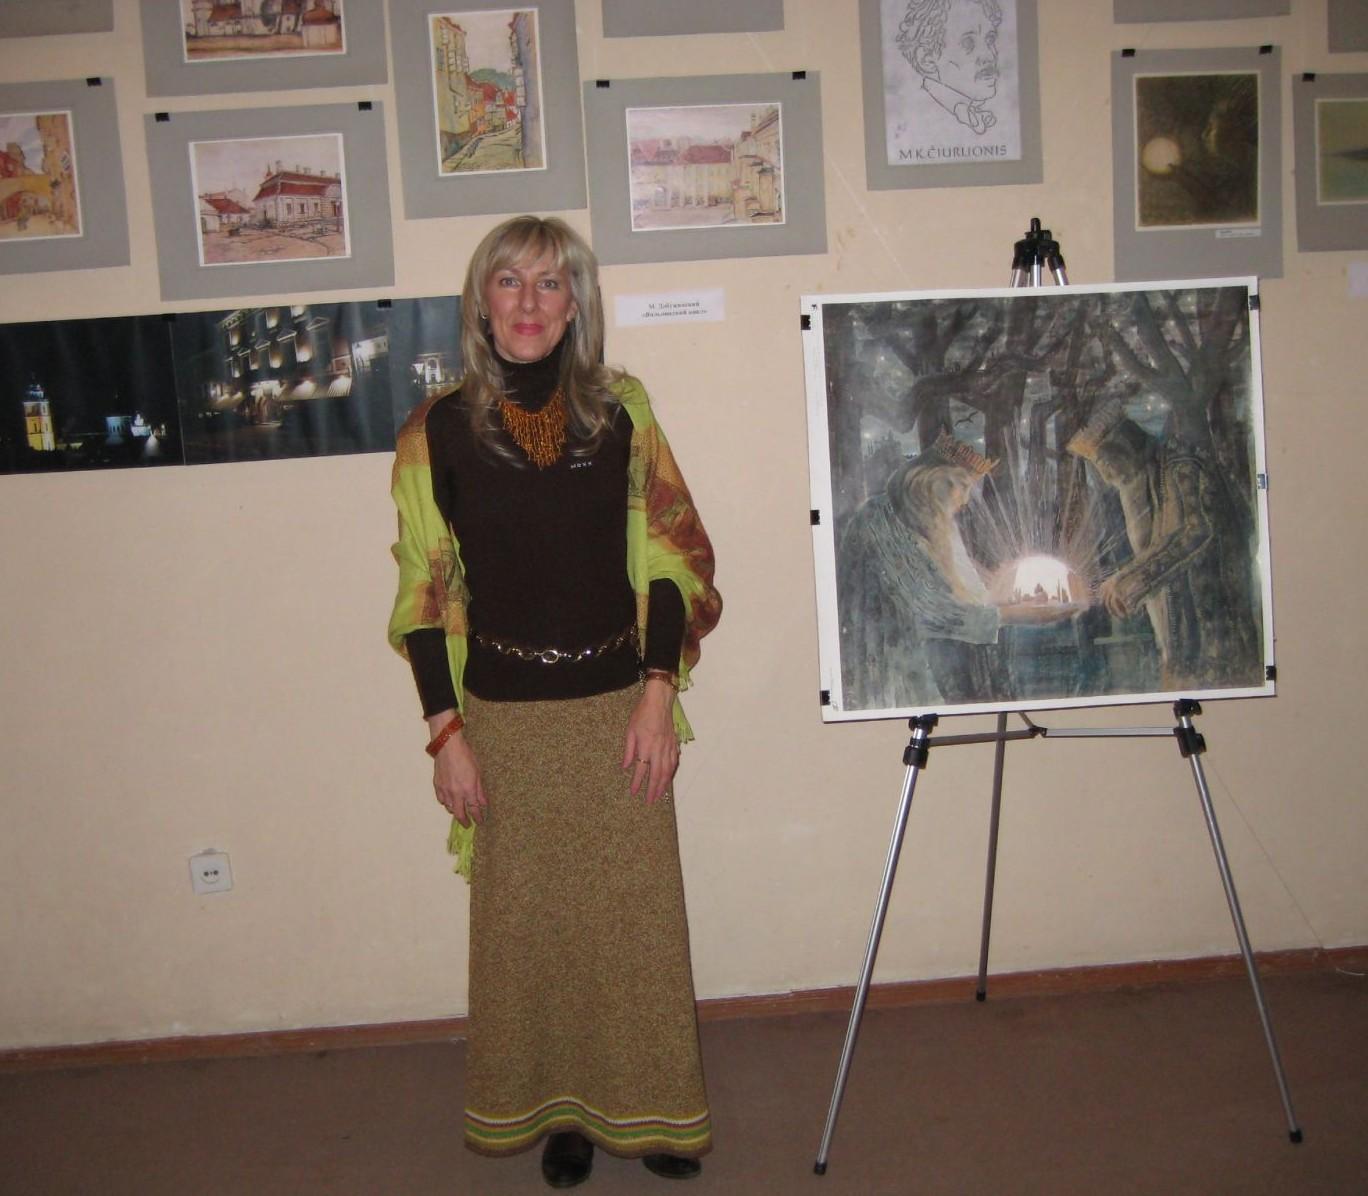 Marija Valentina Raulusevičiūtė - Loginova prie parodos, skirtos Čiurlioniui ir Dobužinskiui stendų Simferopolio etnografijios muziejuje